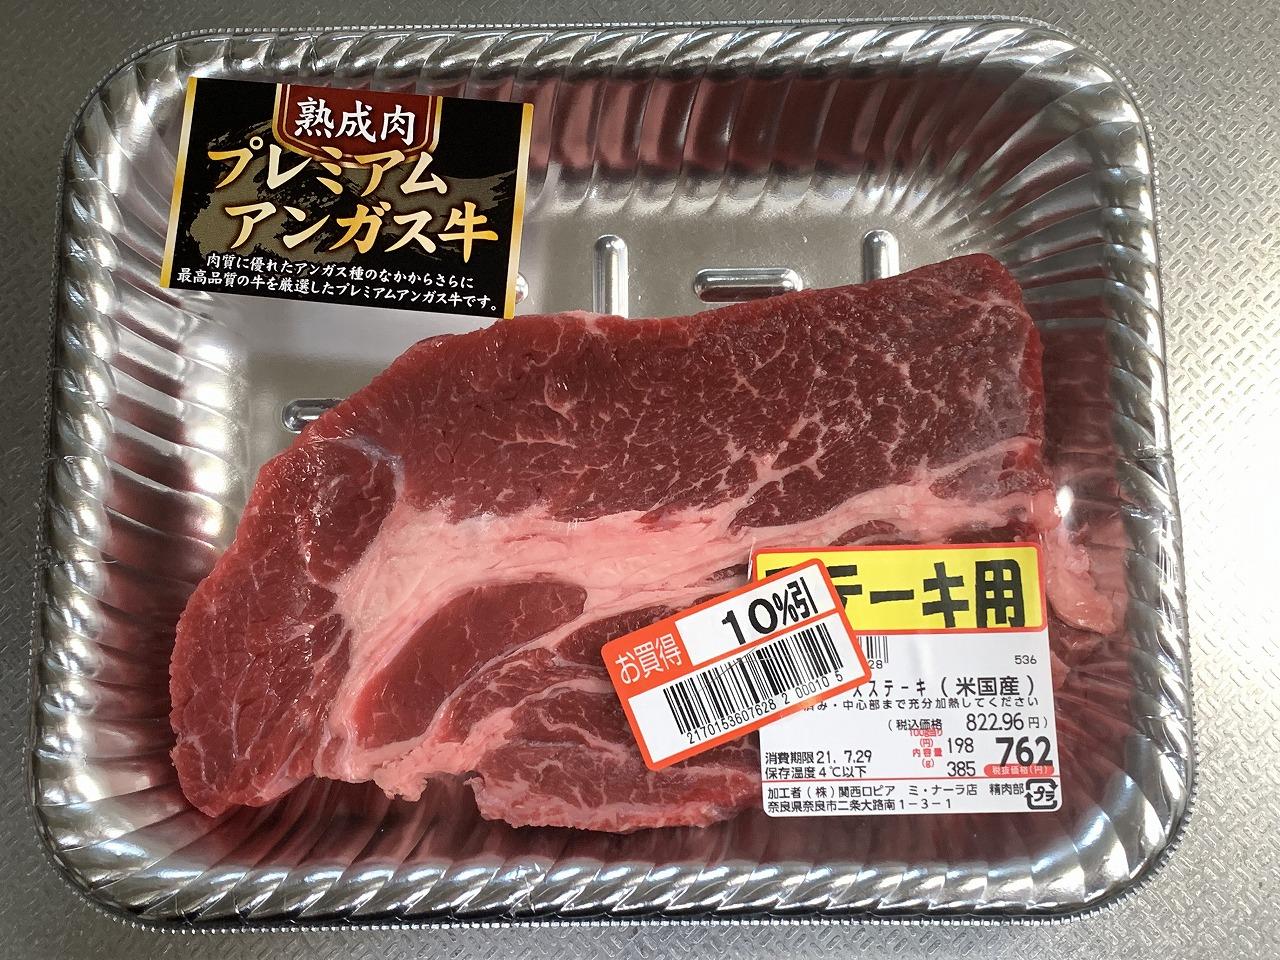 ロピアのステーキ